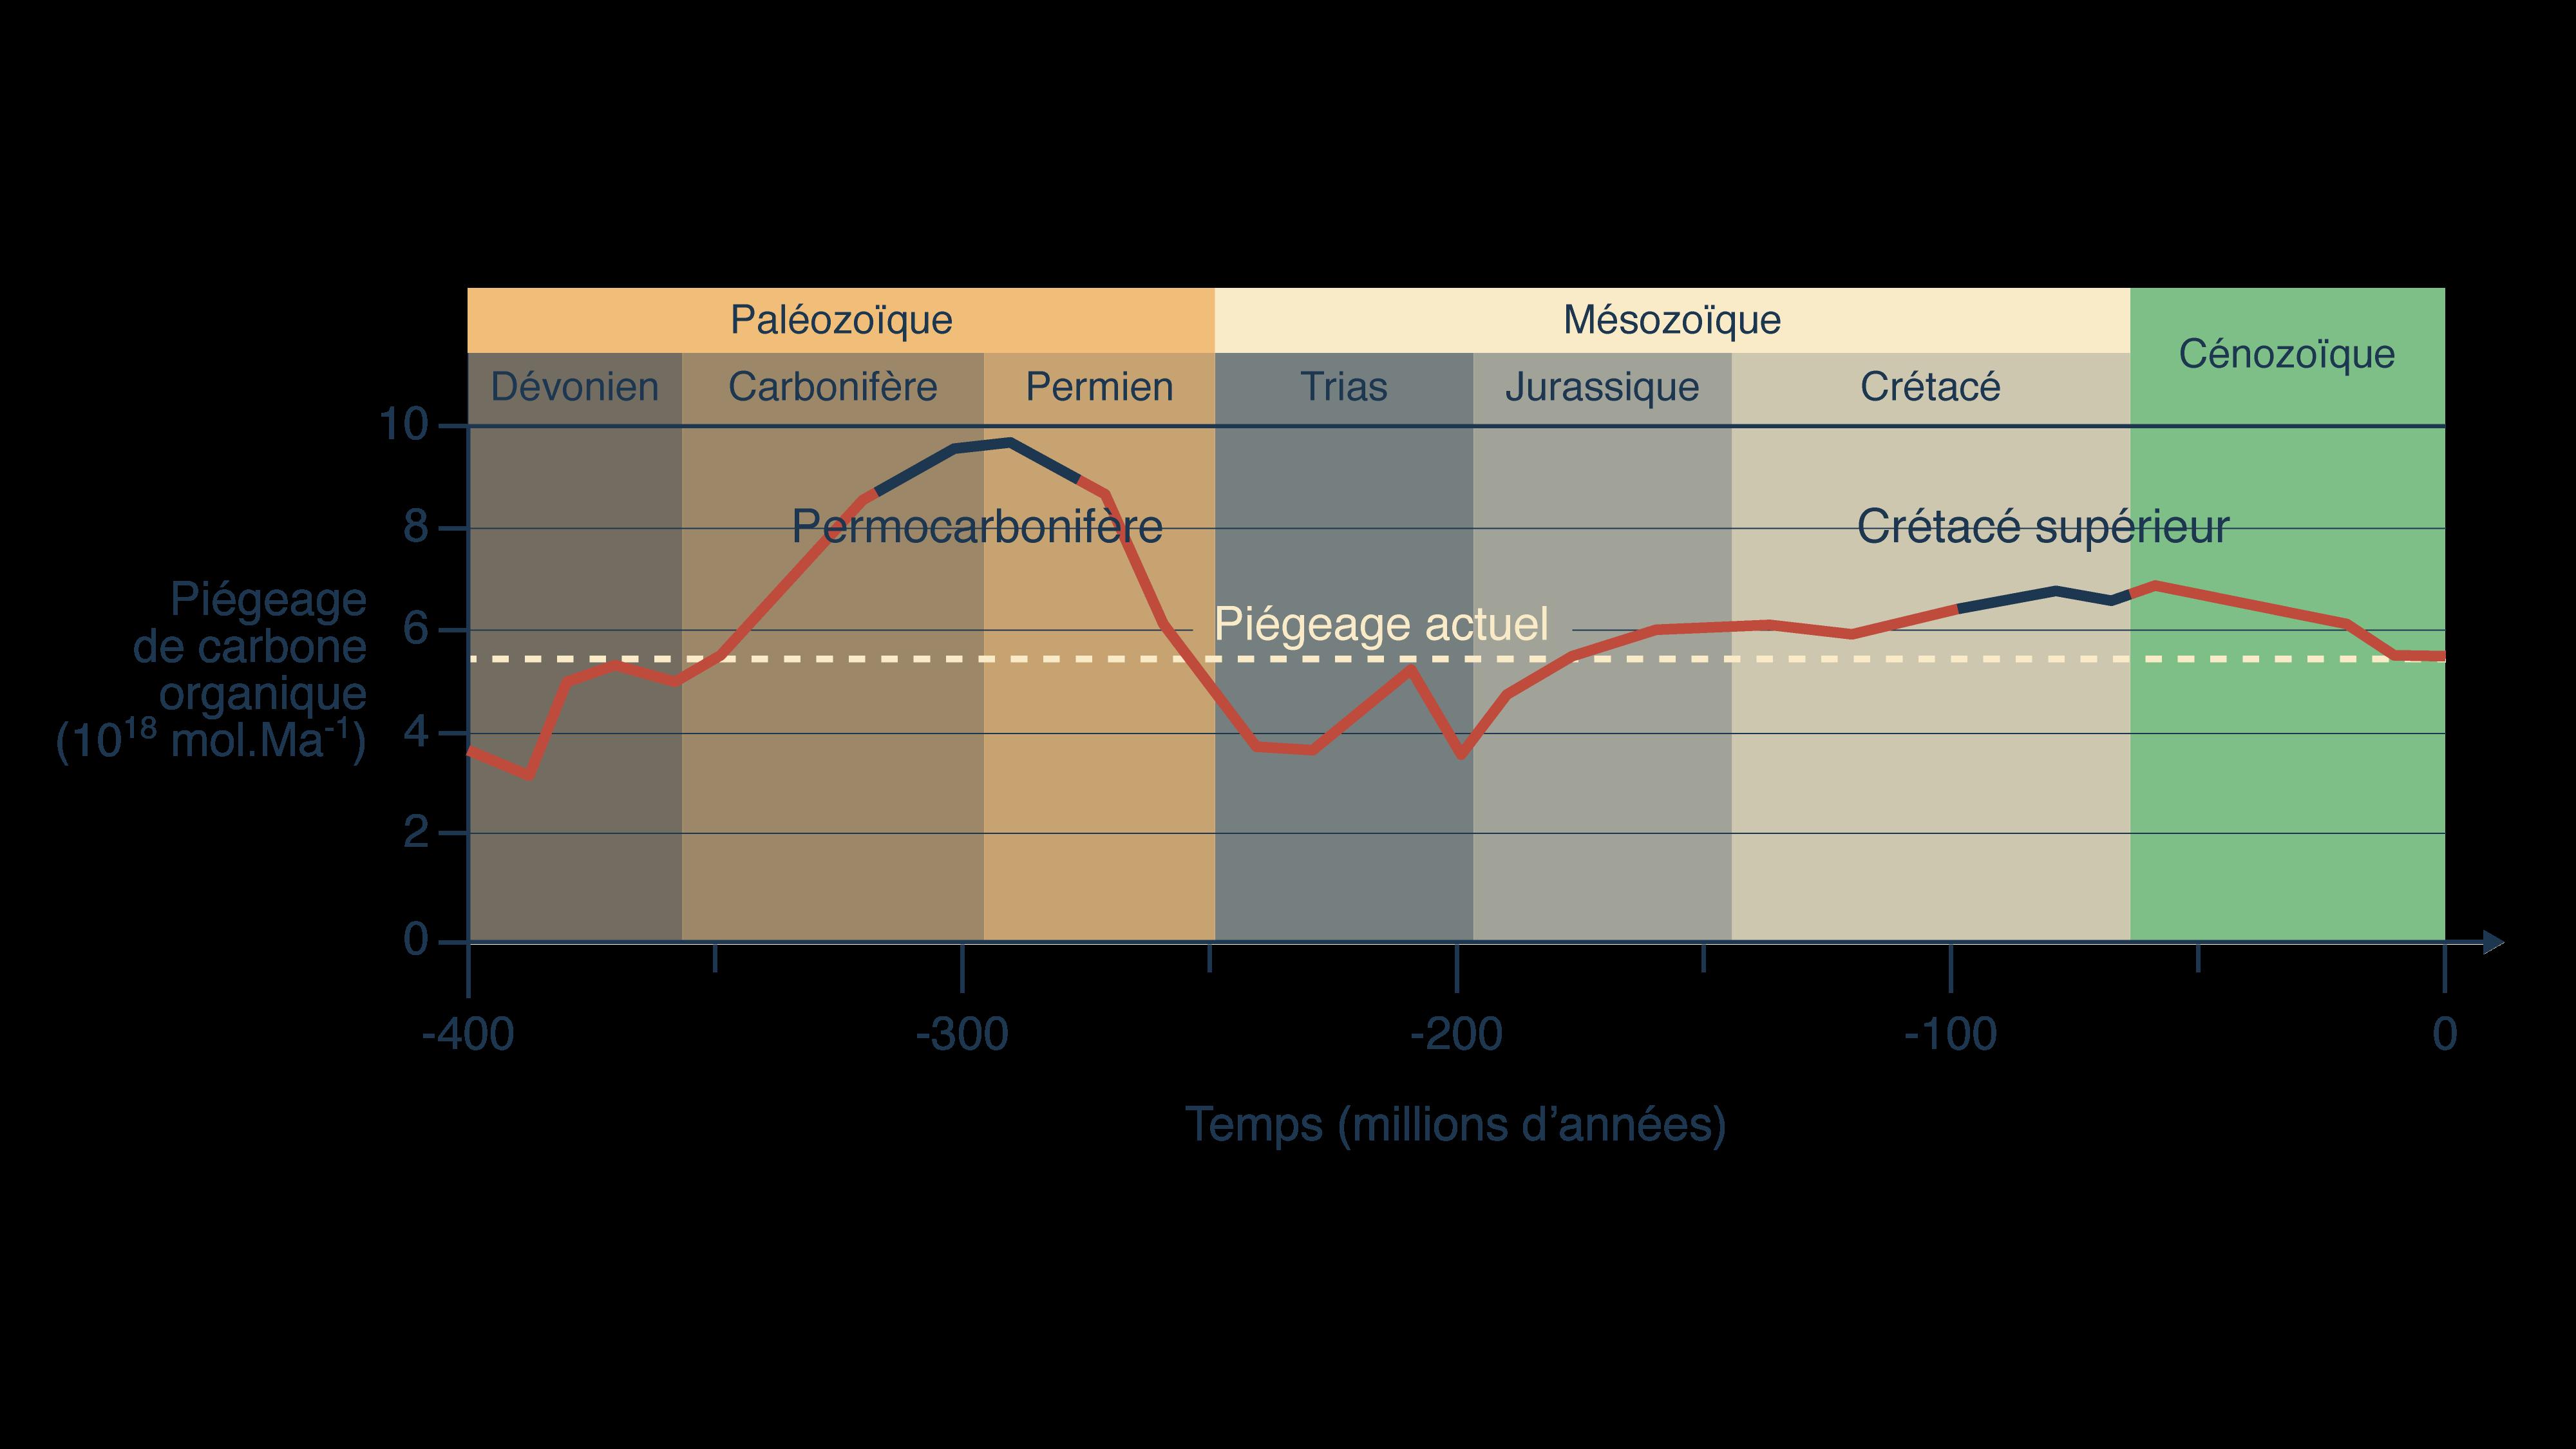 Piégeage du carbone par fossilisation en fonction du temps